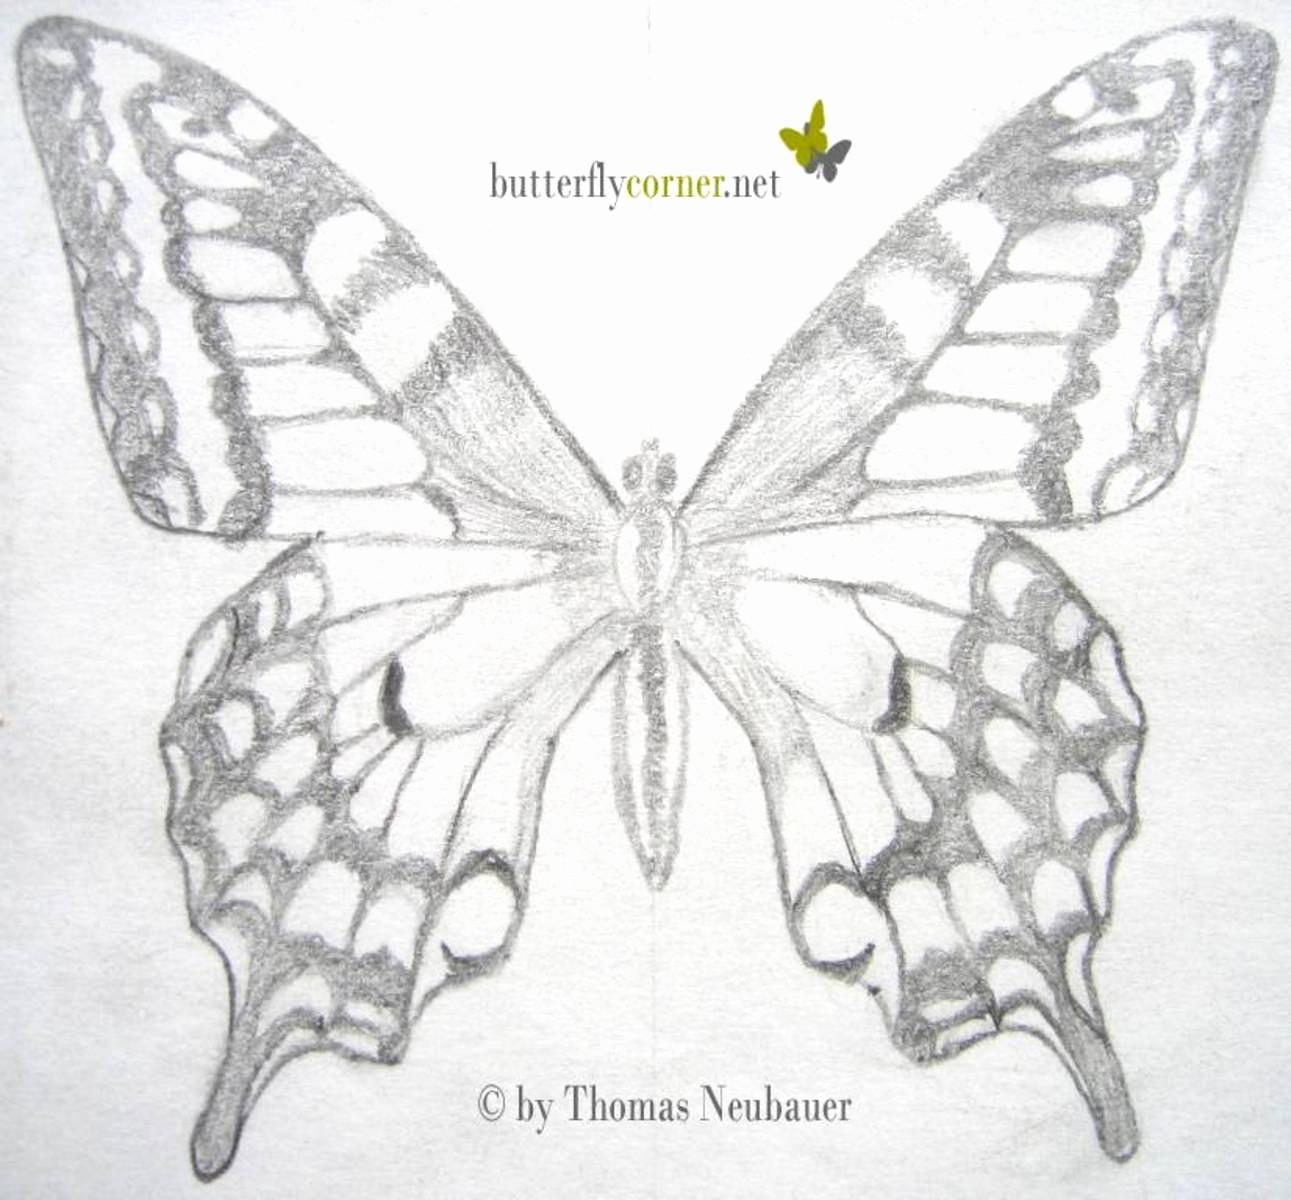 Baum Zeichnung Bleistift Einzigartig Schmetterling Zeichnen Bleistift Best 10 Best Zeichnungen Sammlung